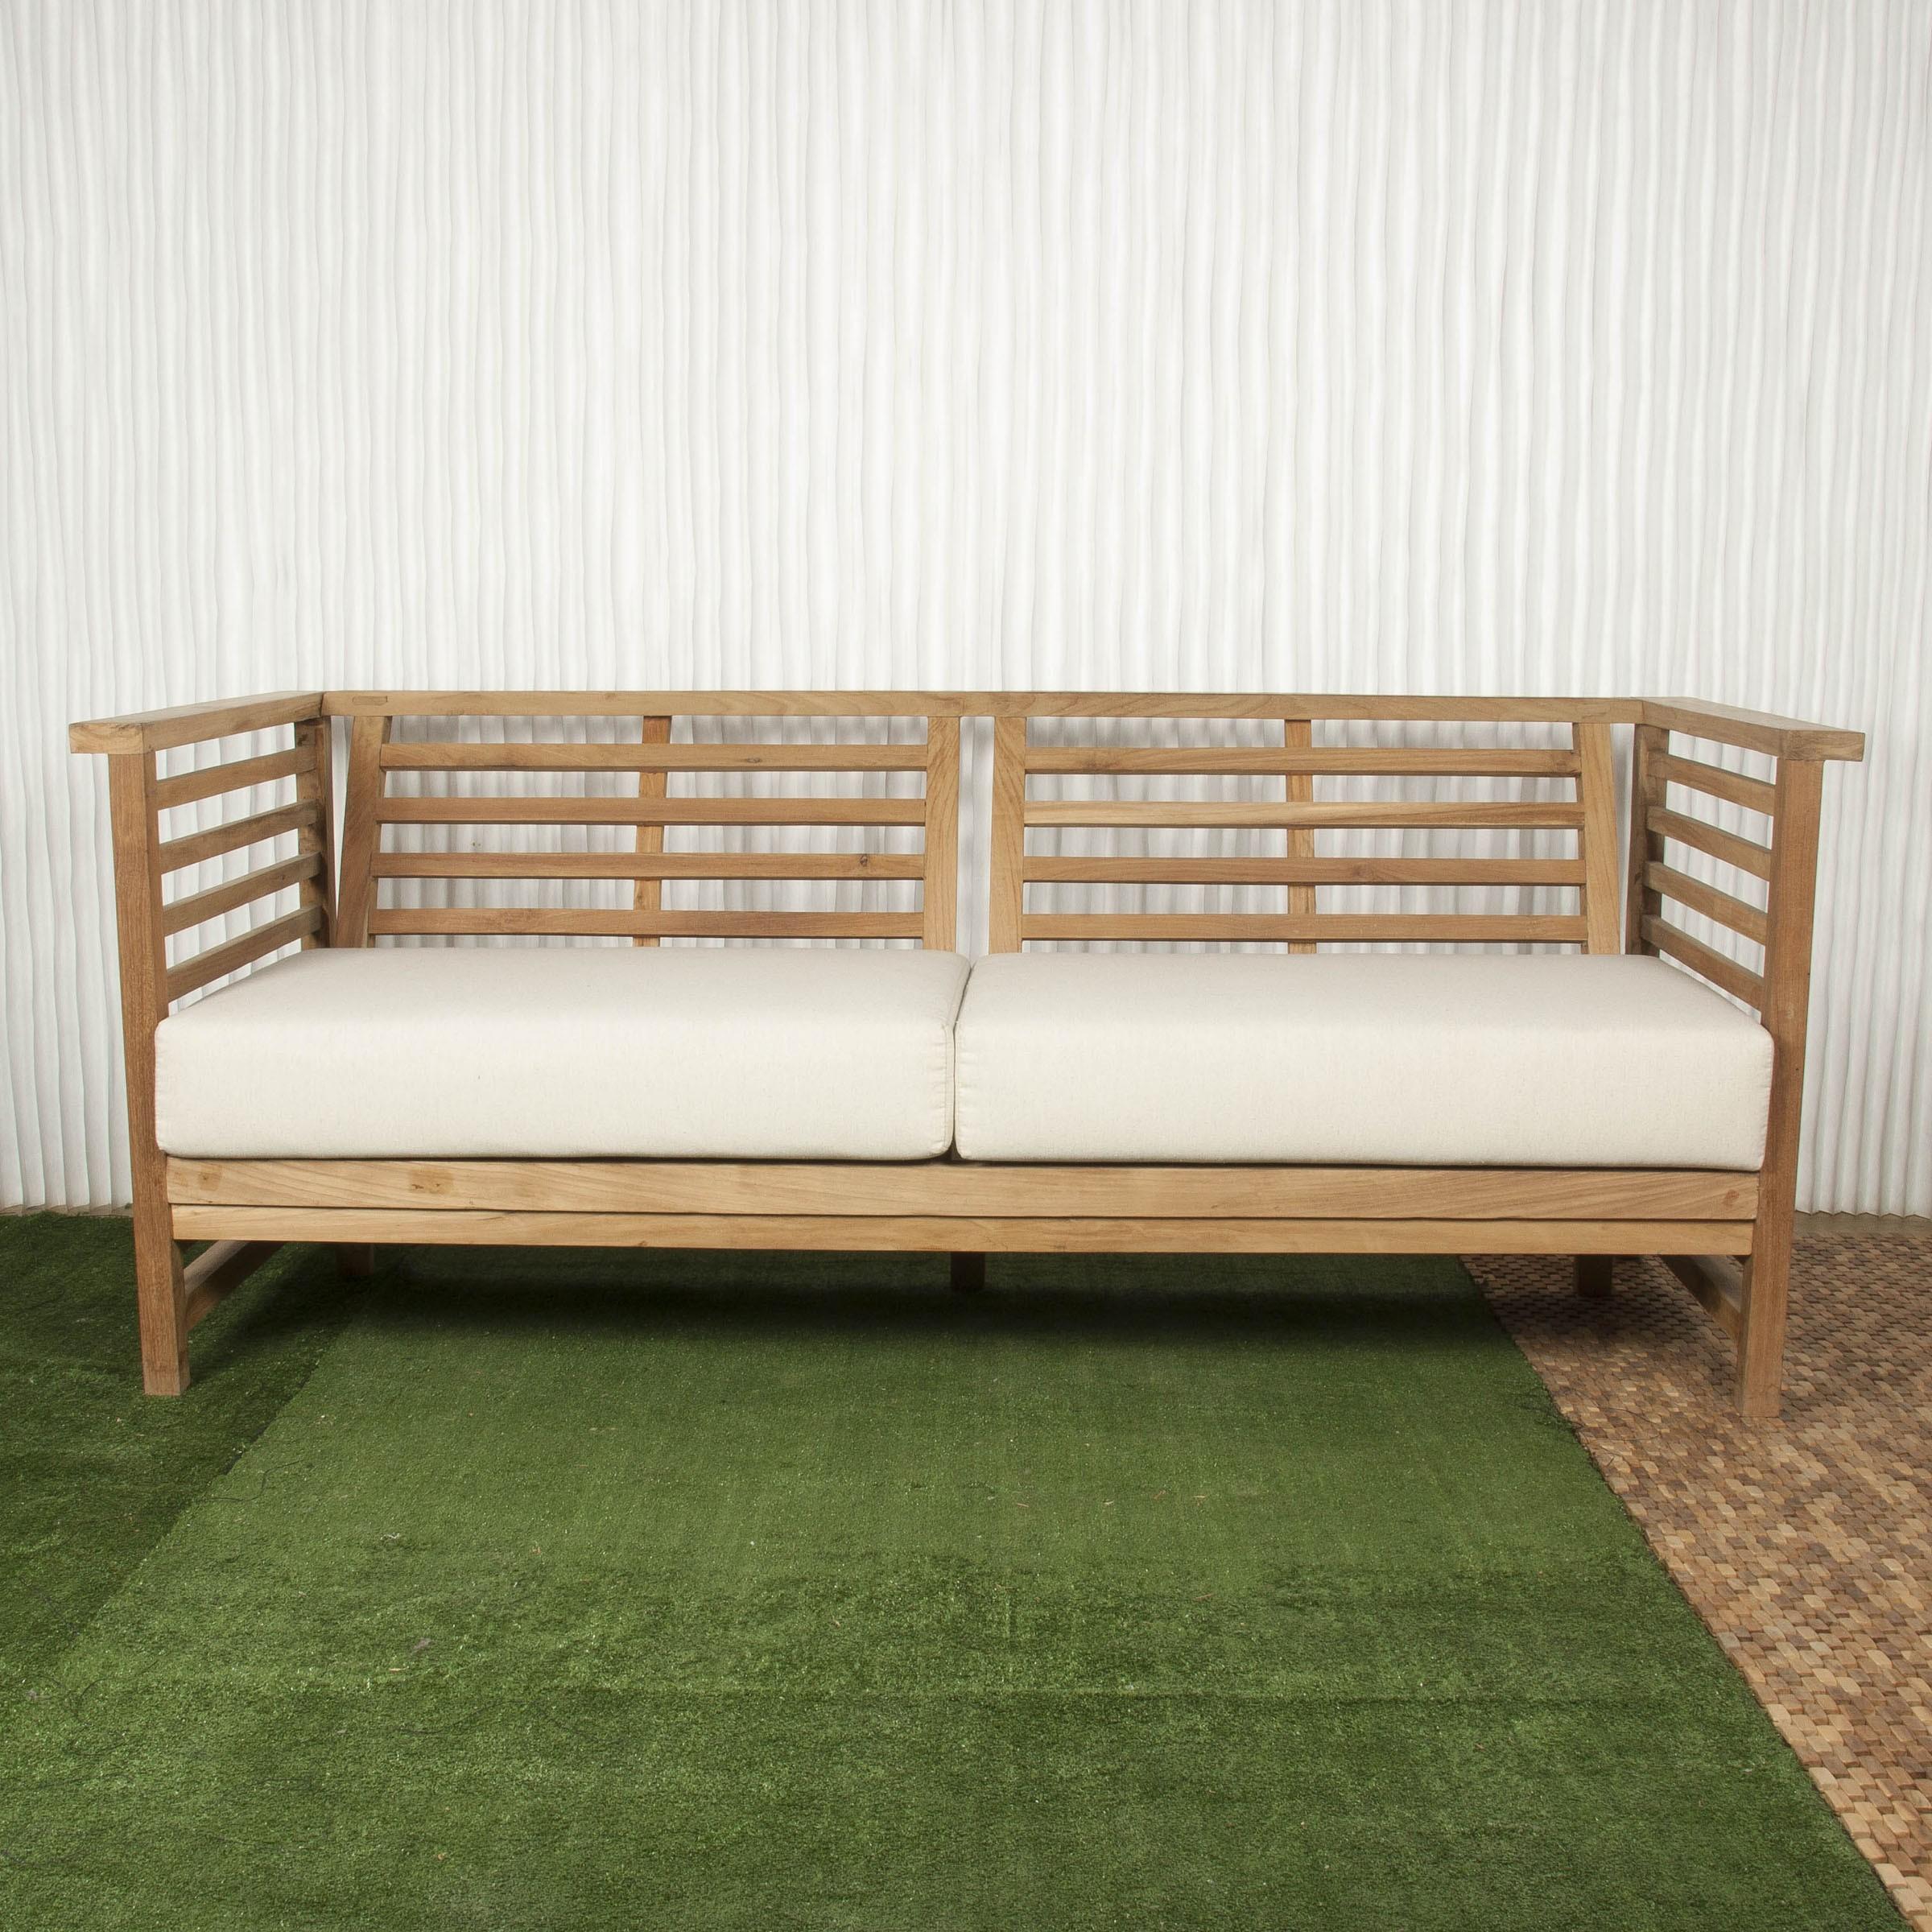 Sof exterior y sof de madera batavia - Baules para exterior ...